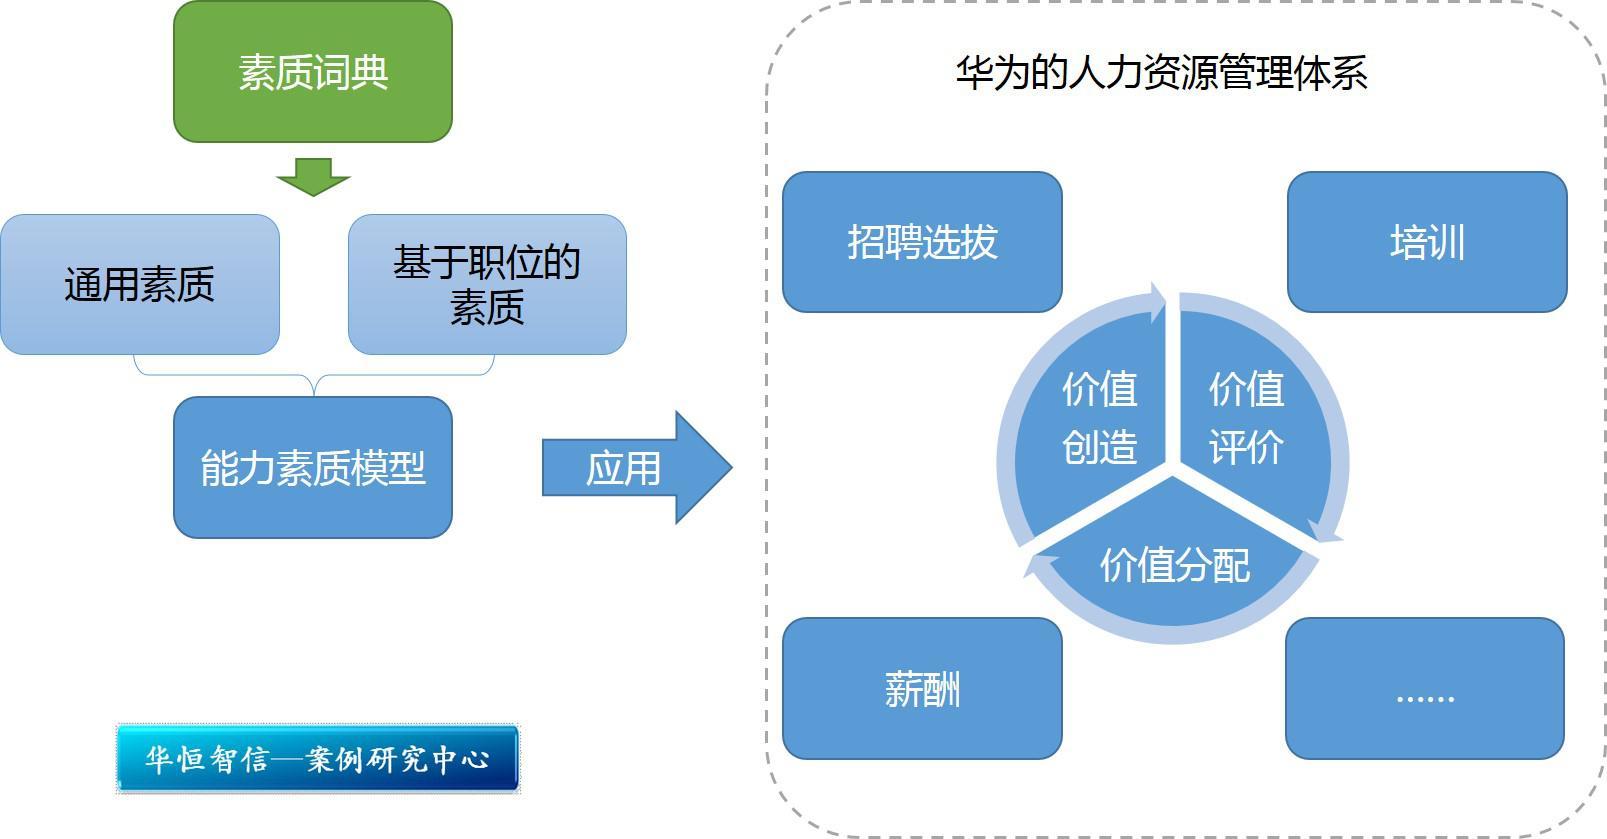 华为还有基于职位族的素质模型